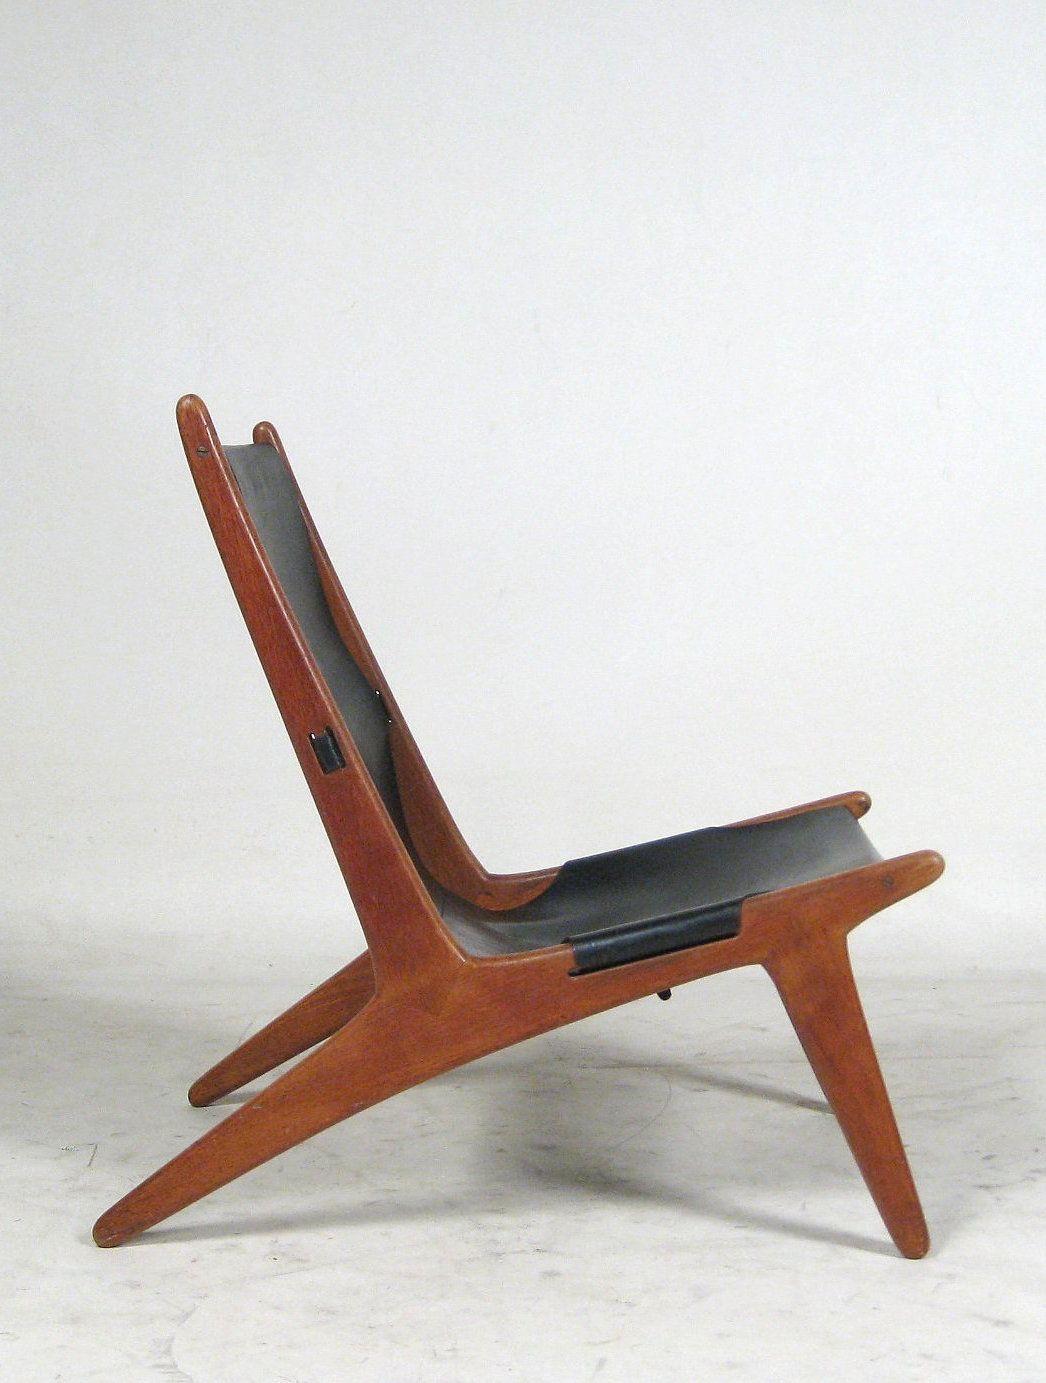 Lauritz com  Uno & Östen Kristiansson, Hunting Chair for Luxus Vittsjö Denna auktion är annullerad  se nu vara 1750829 is part of Furniture - Köp och sälj nya, begagnade, antika och moderna möbler på Lauritz com, Nordens största internetauktion